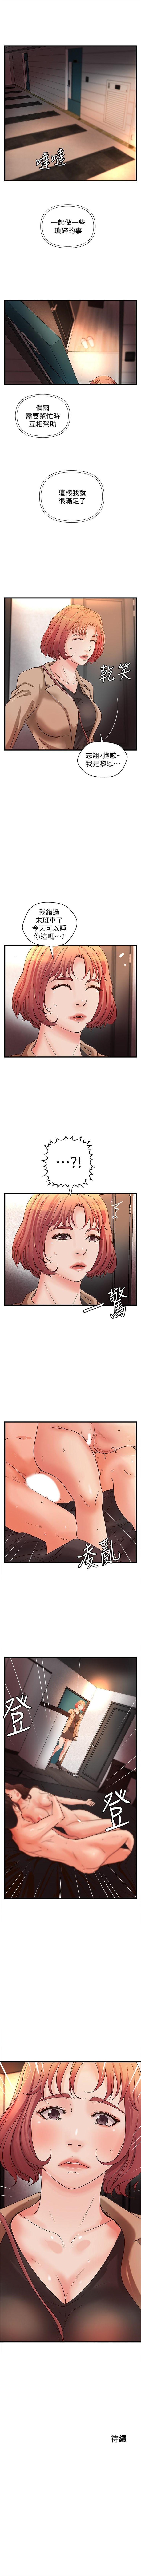 御姐的實戰教學 1-27 官方中文(連載中) 169